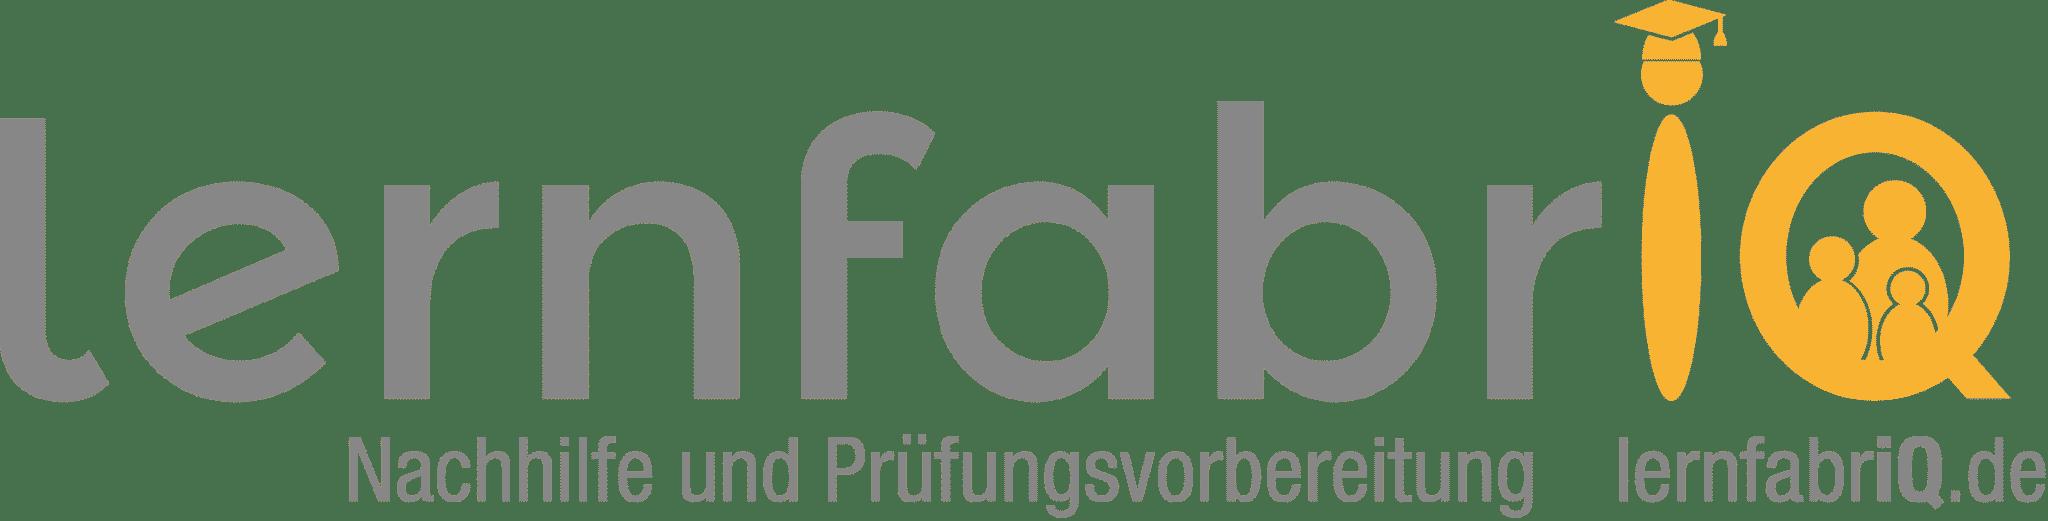 Logo lernfabriQ Kempten, Nachhilfe und Prüfungsvorbereitung